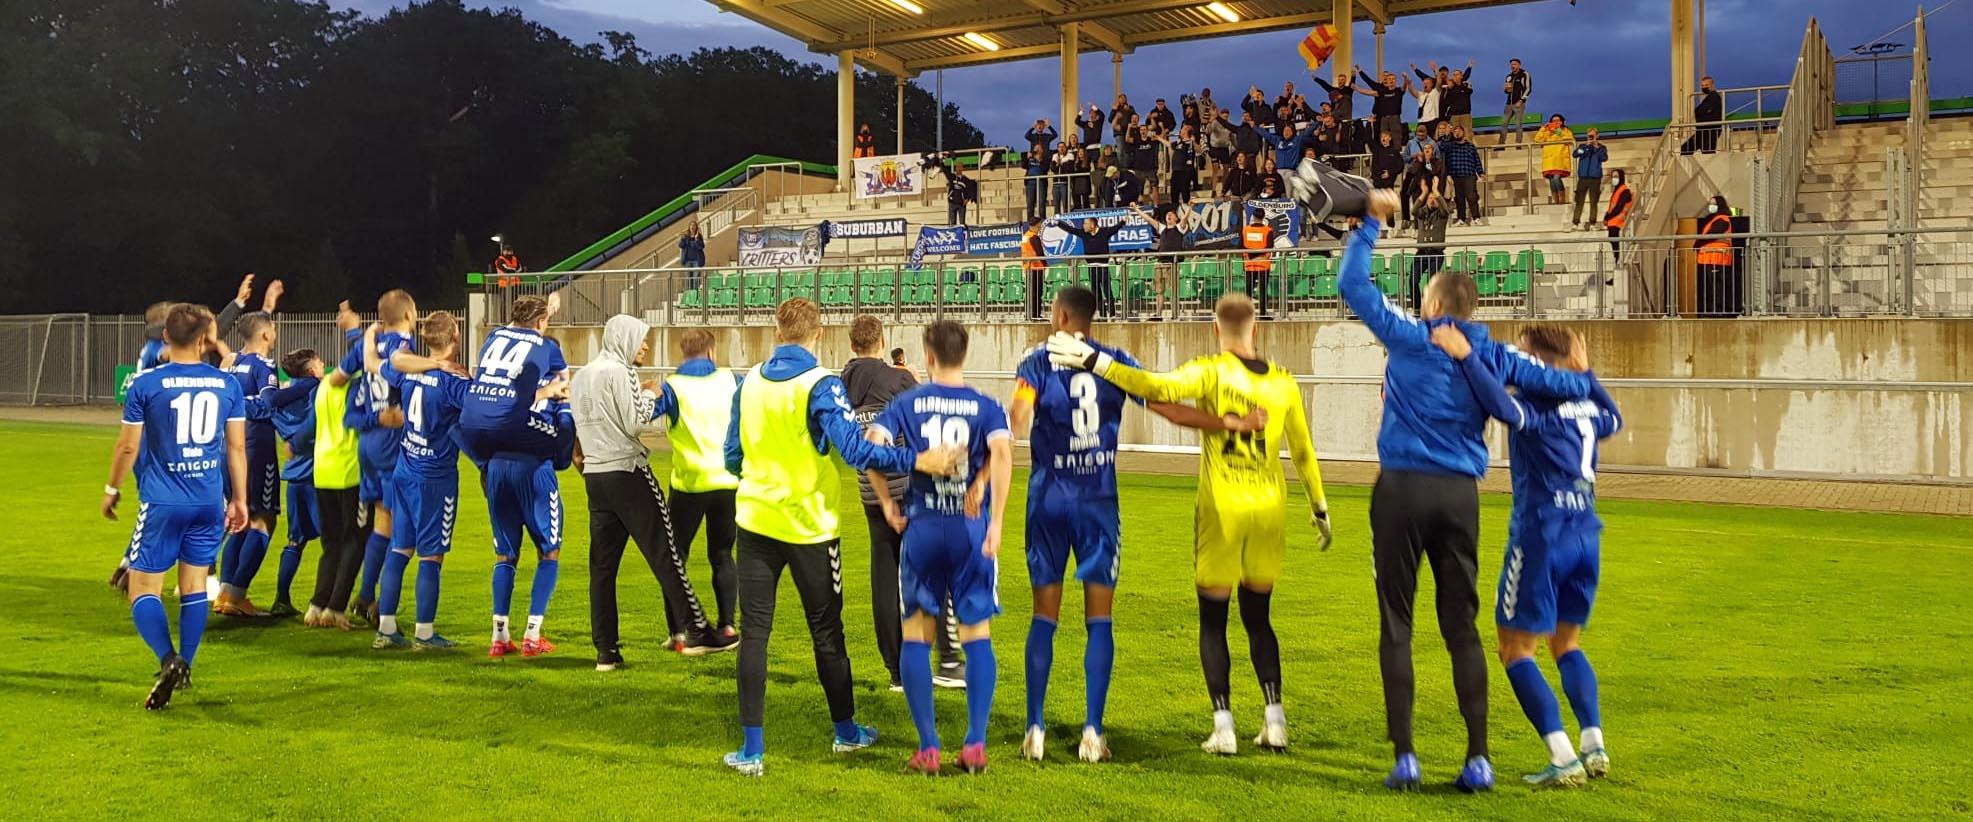 Schmidt mit der Pike, VfB erkämpft Auswärtssieg